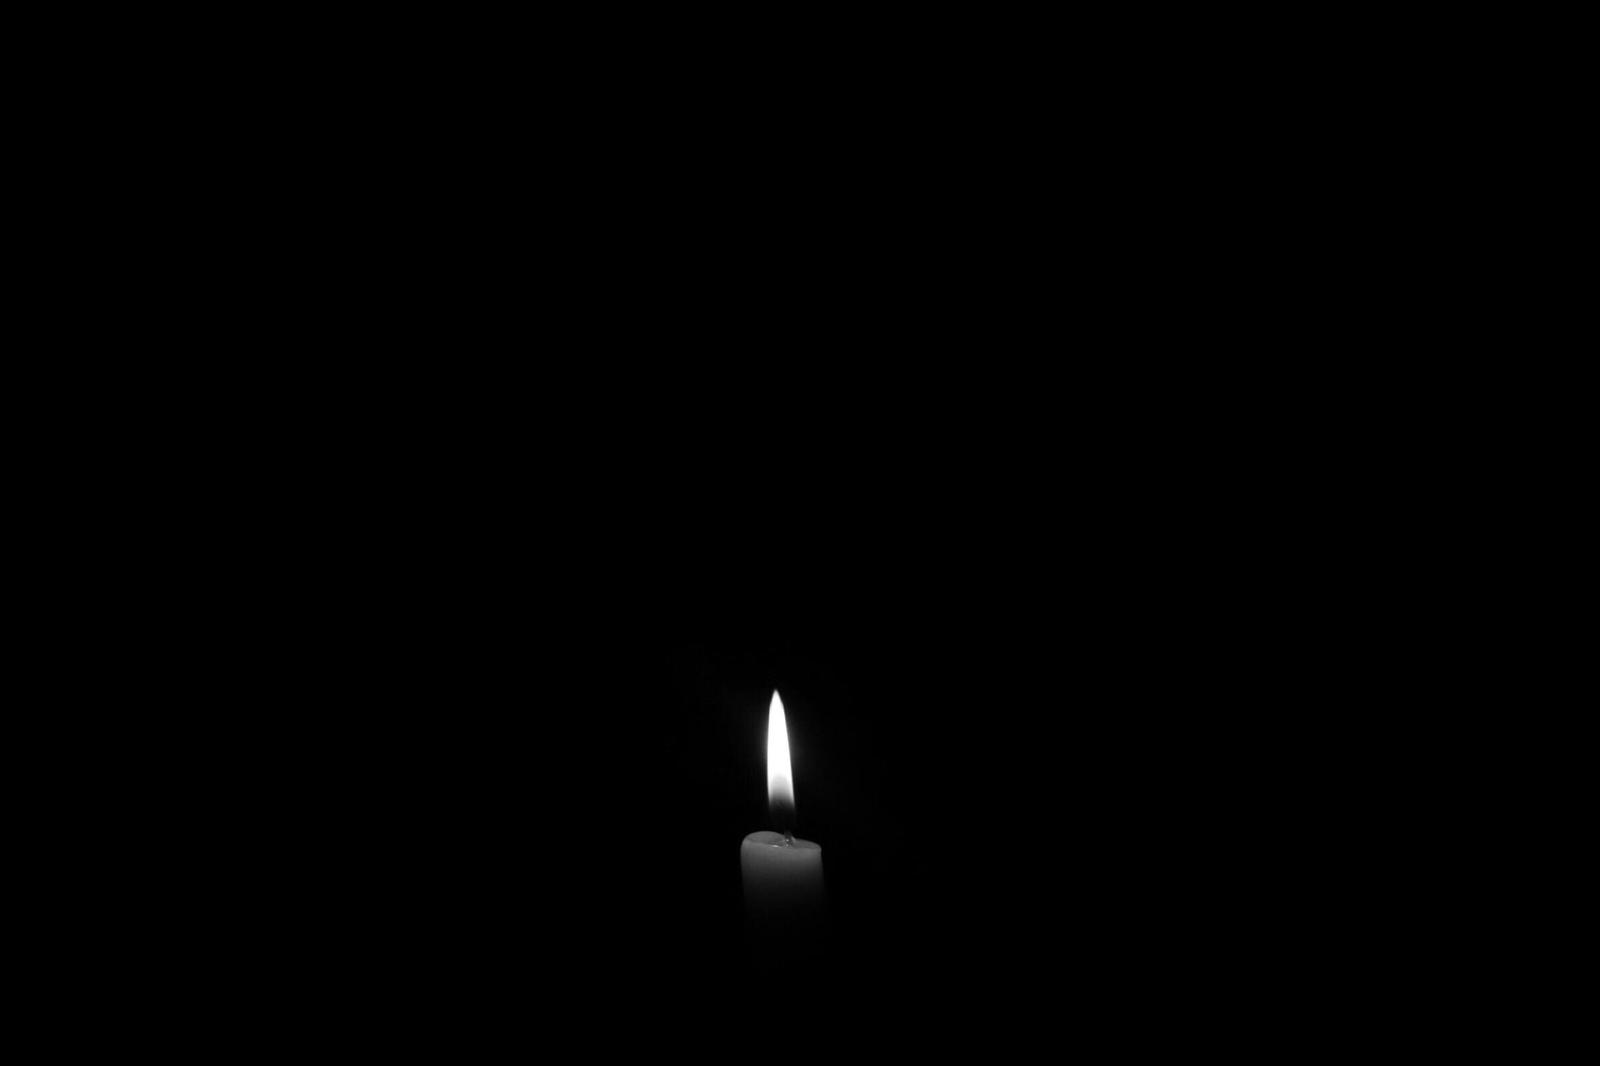 Seimas minėjime pagerbs pirmųjų masinių trėmimų ir žudynių aukų atminimą